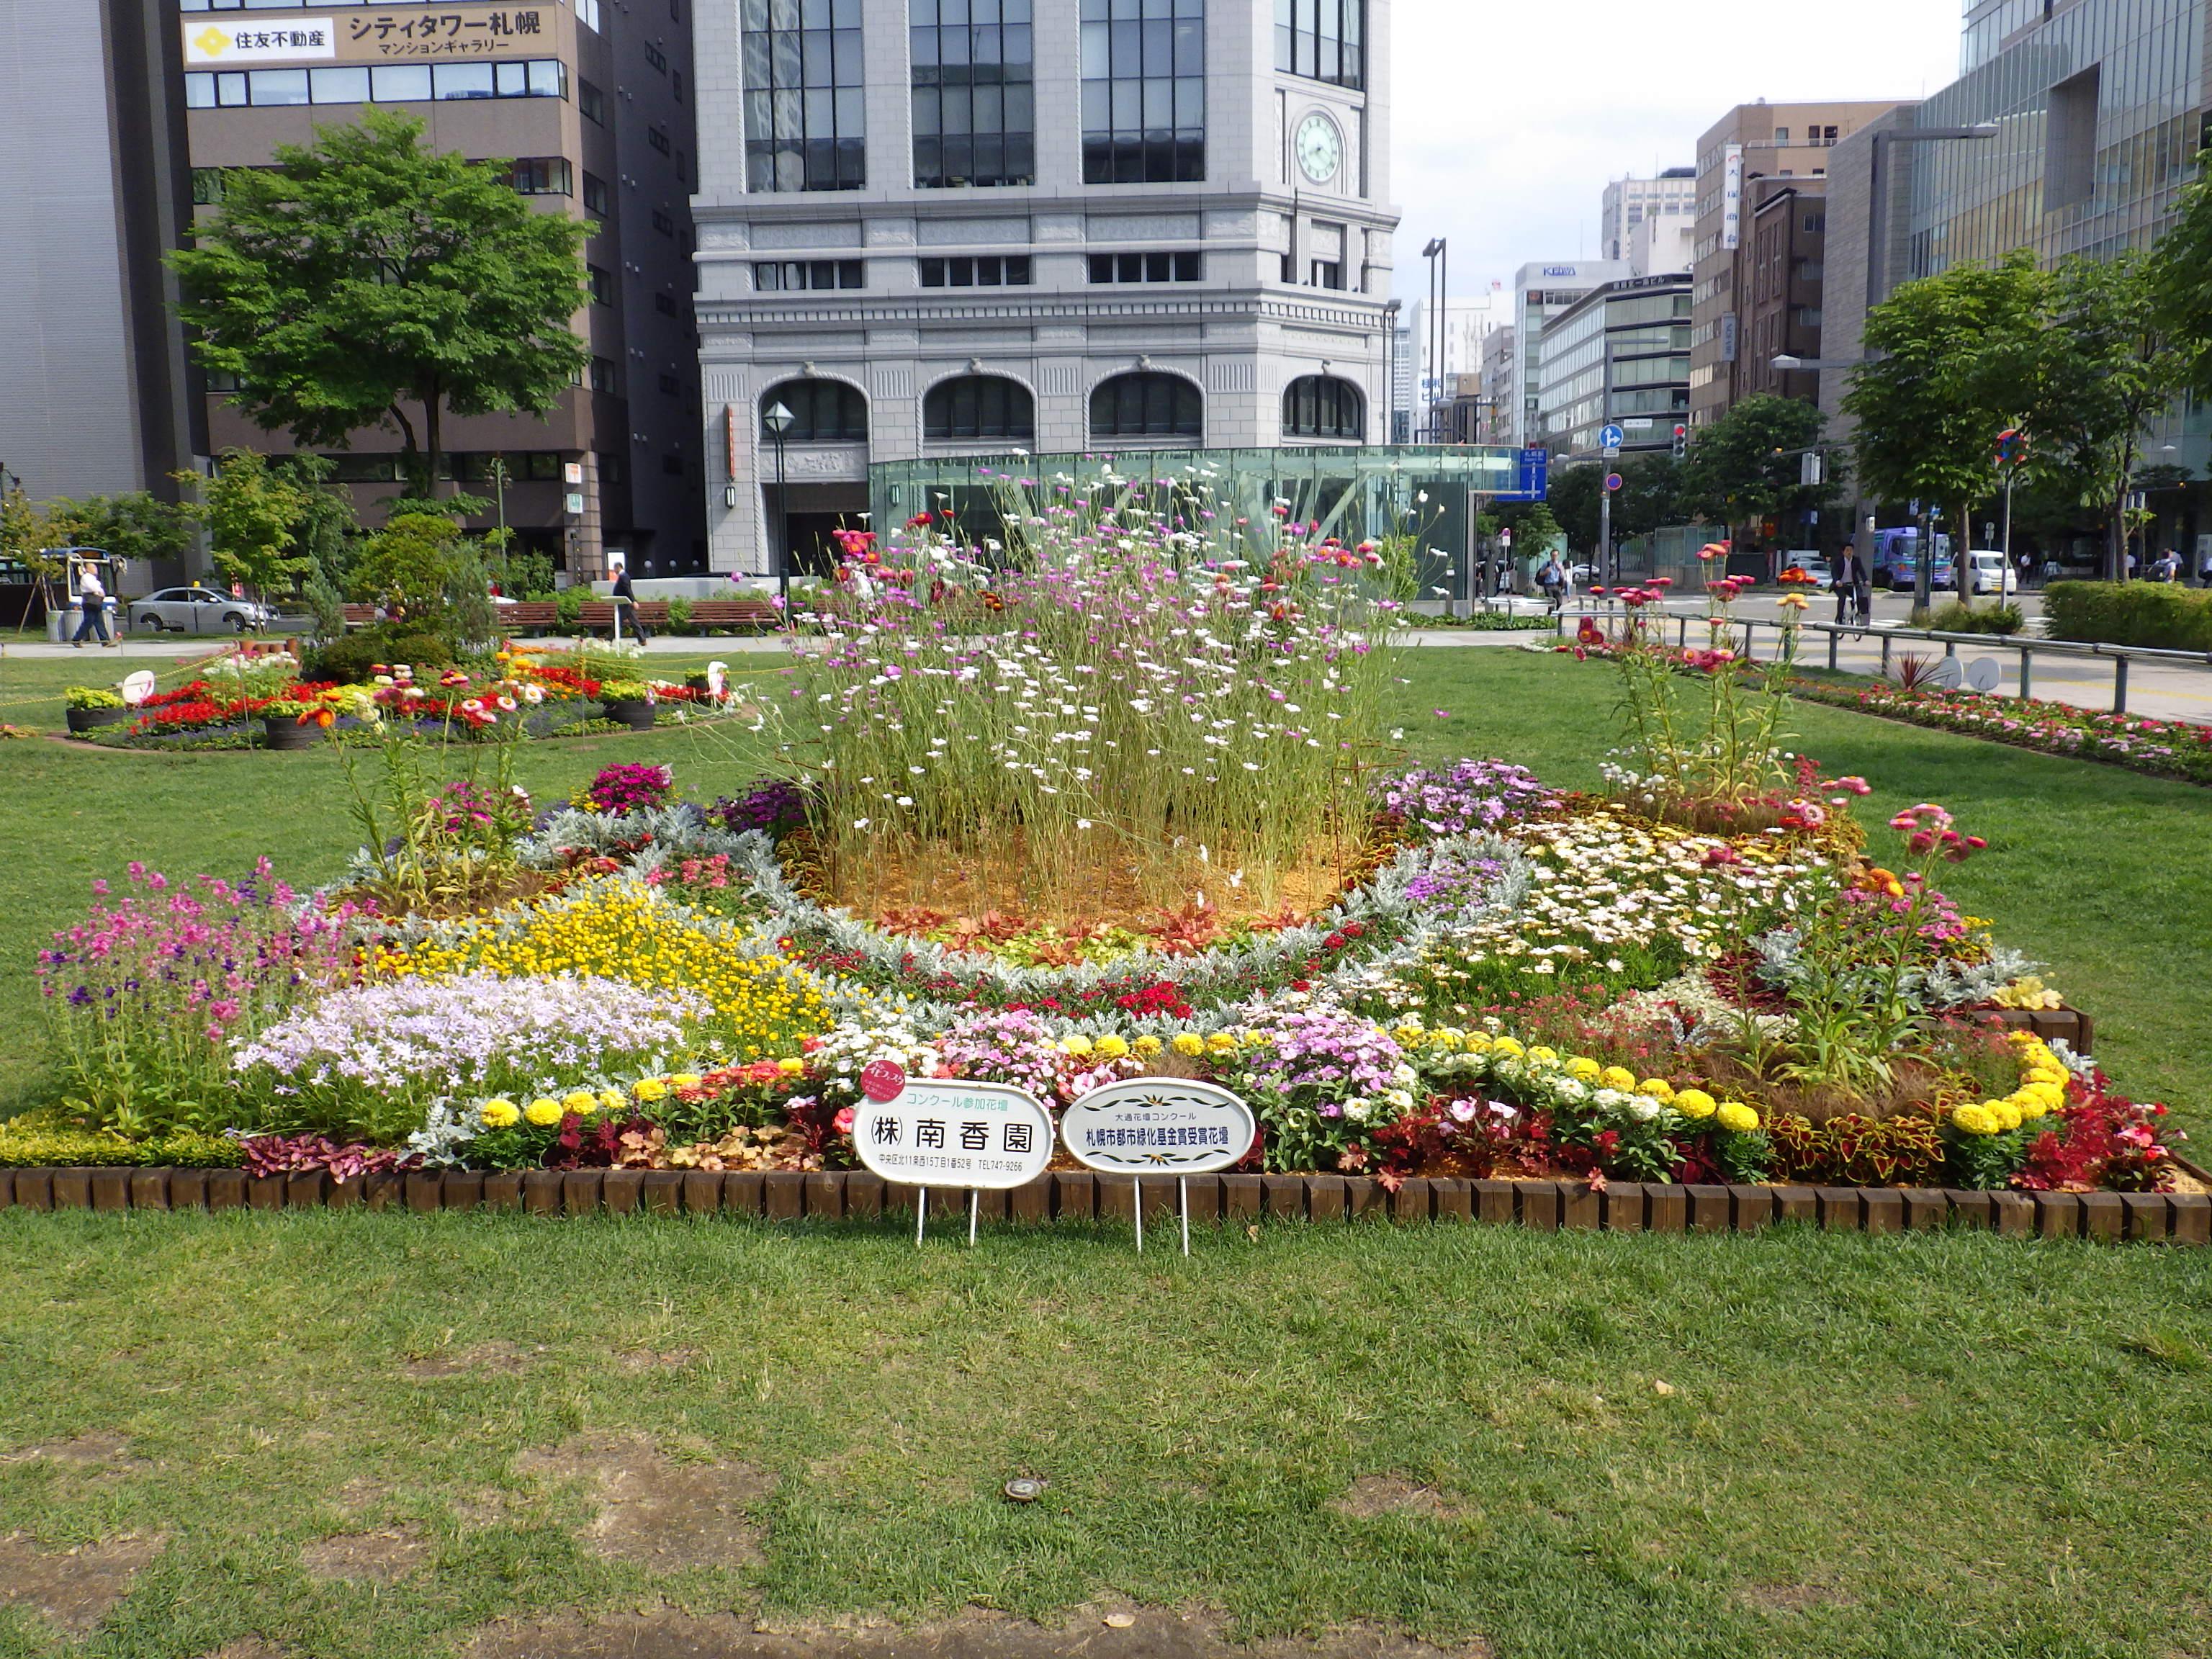 令和元年の花壇コンクール受賞花壇10